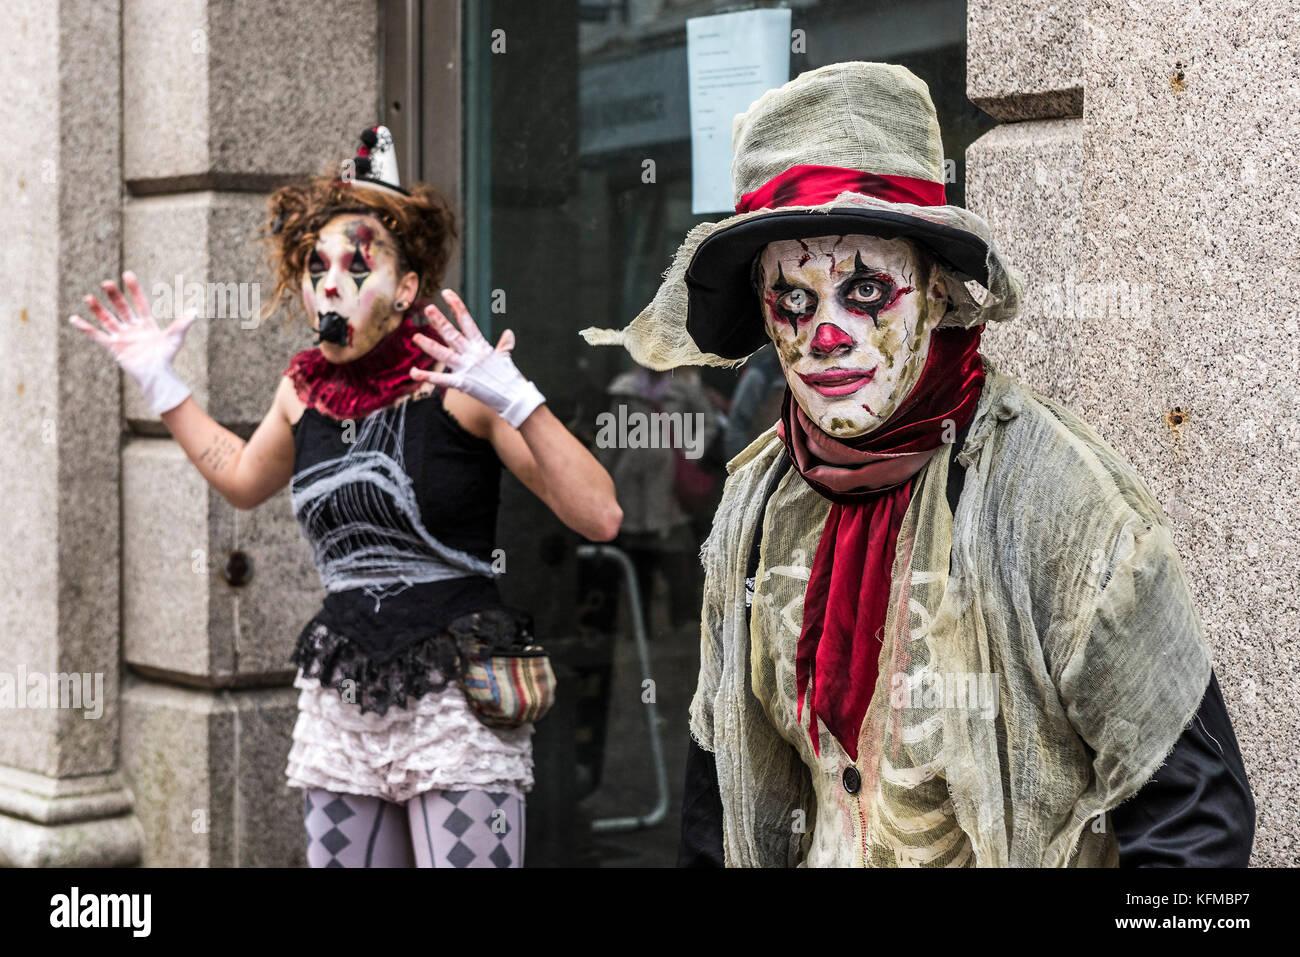 Zombies - Zwei zombie Clowns in der jährlichen Zombie kriechen in Newquay, Cornwall. Stockbild